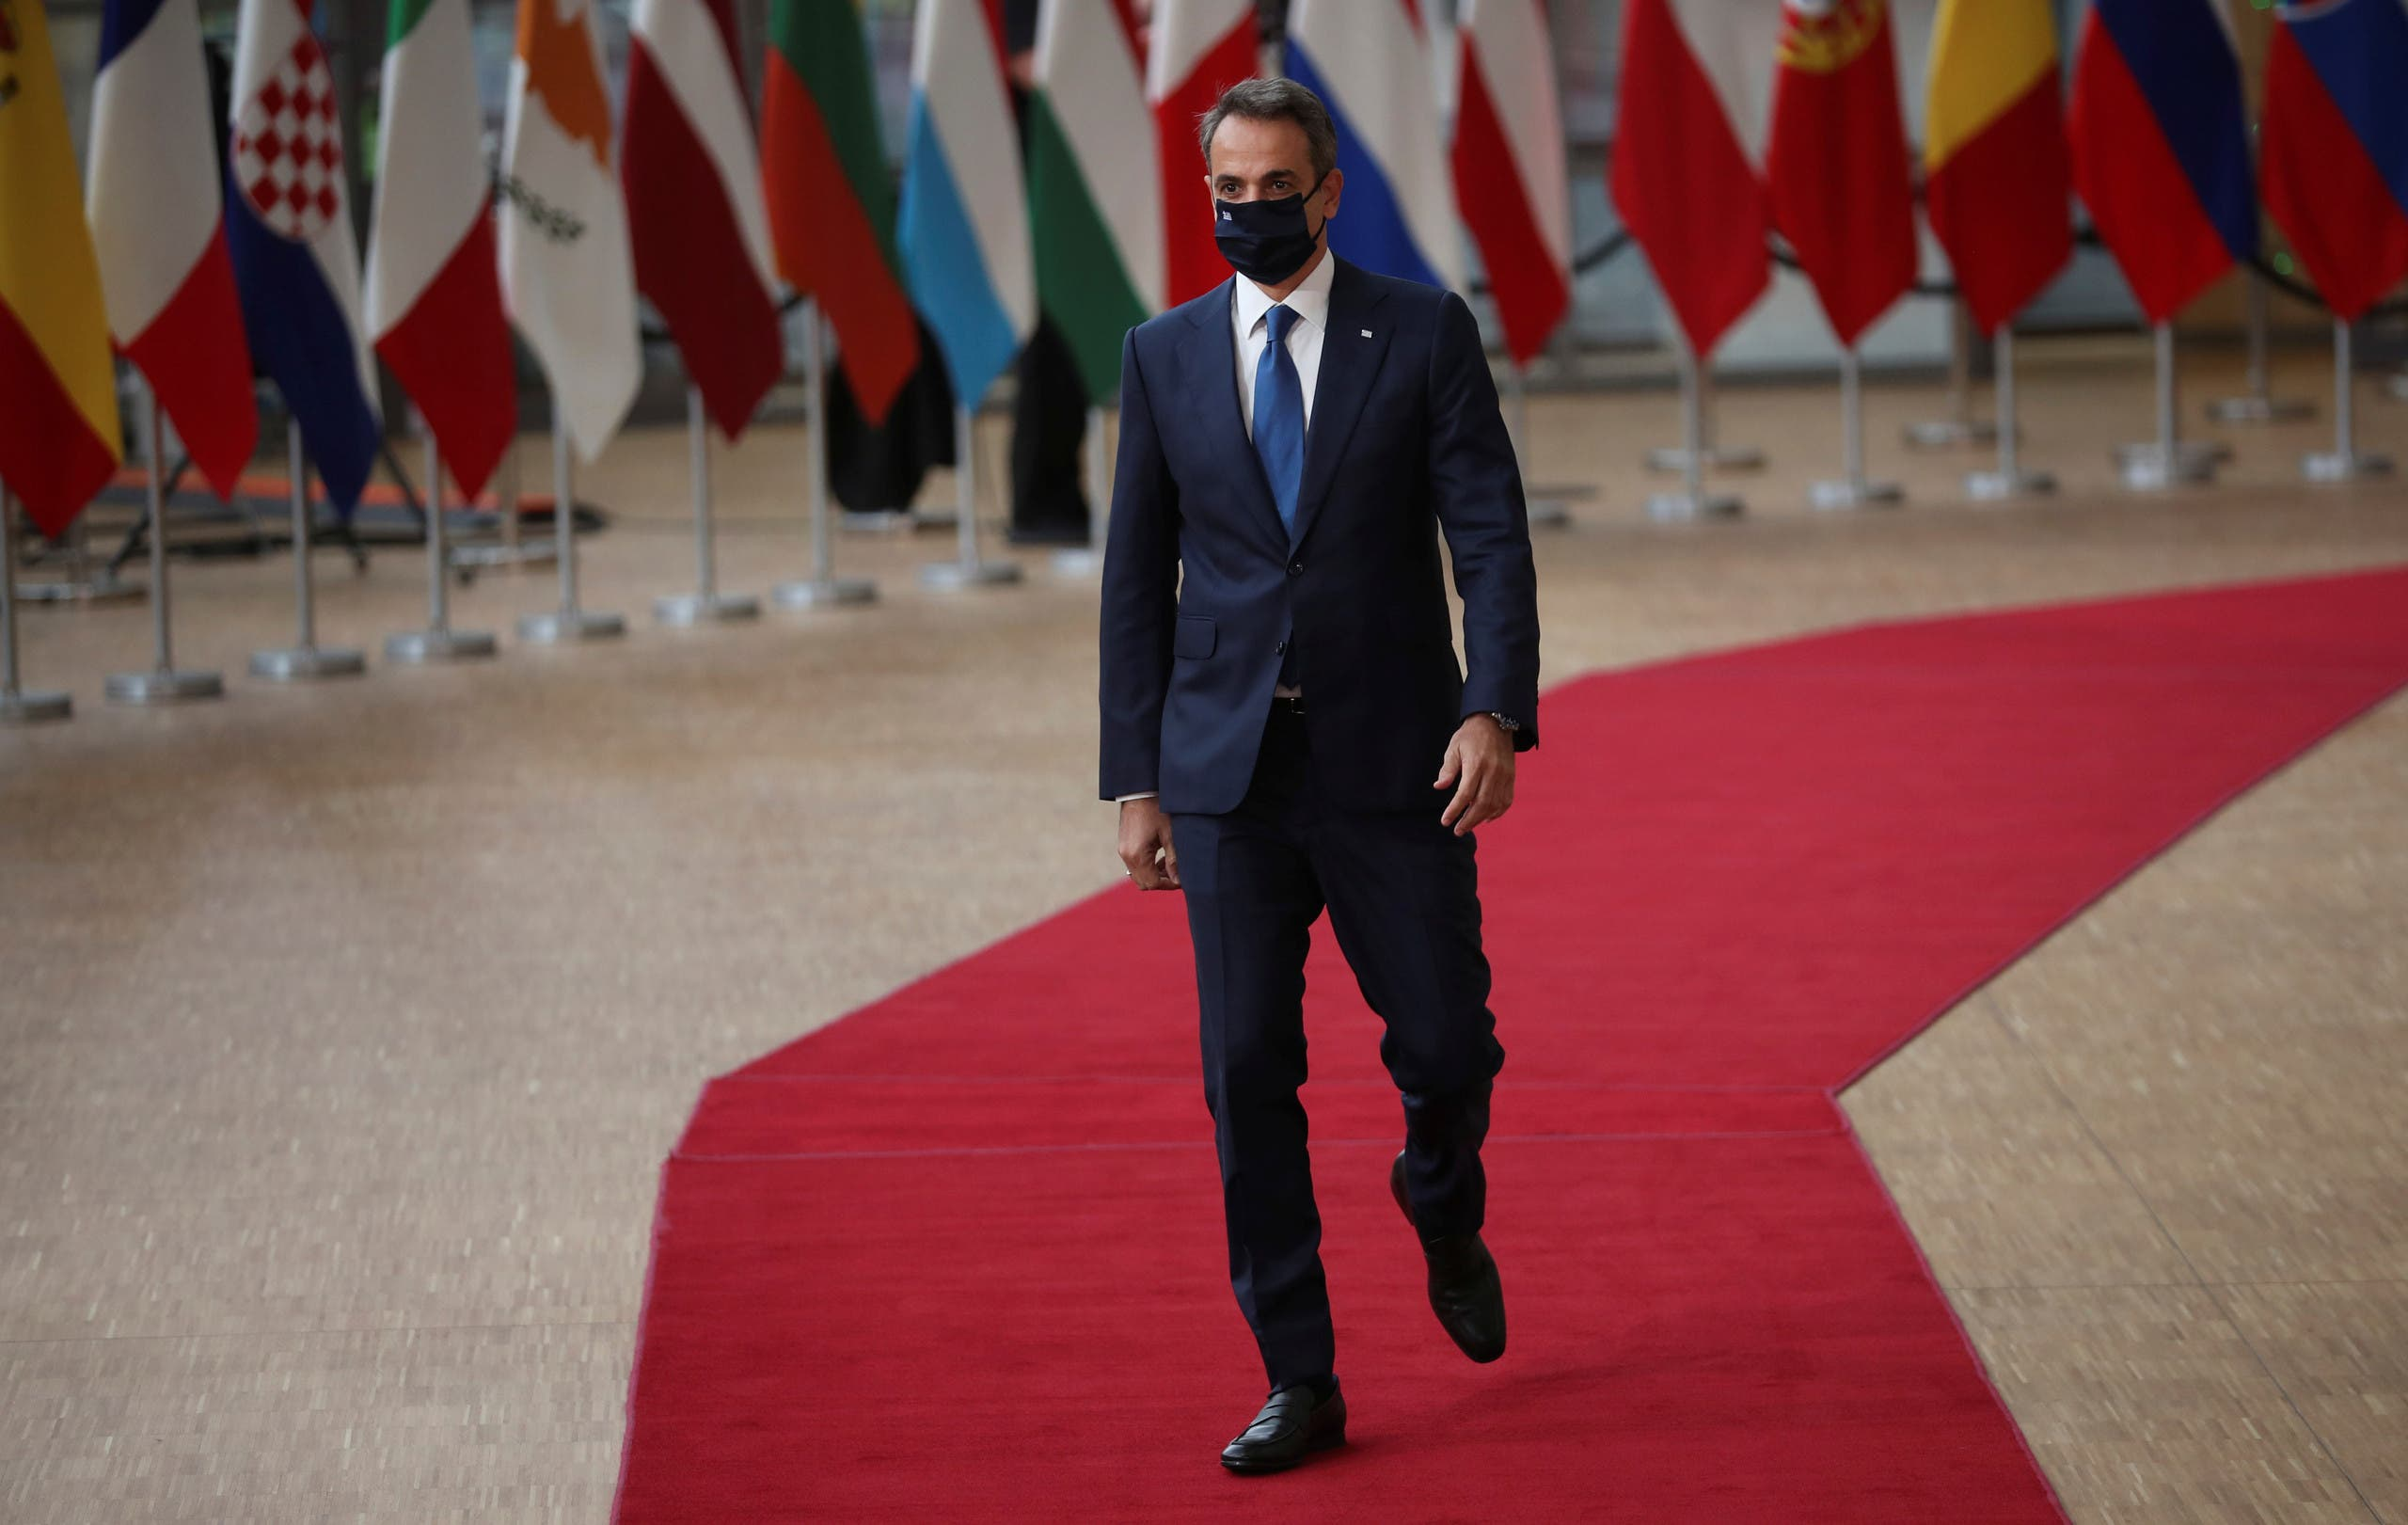 رئيس الوزراء اليوناني كيرياكوس ميتسوتاكيس في القمة الأوروبية